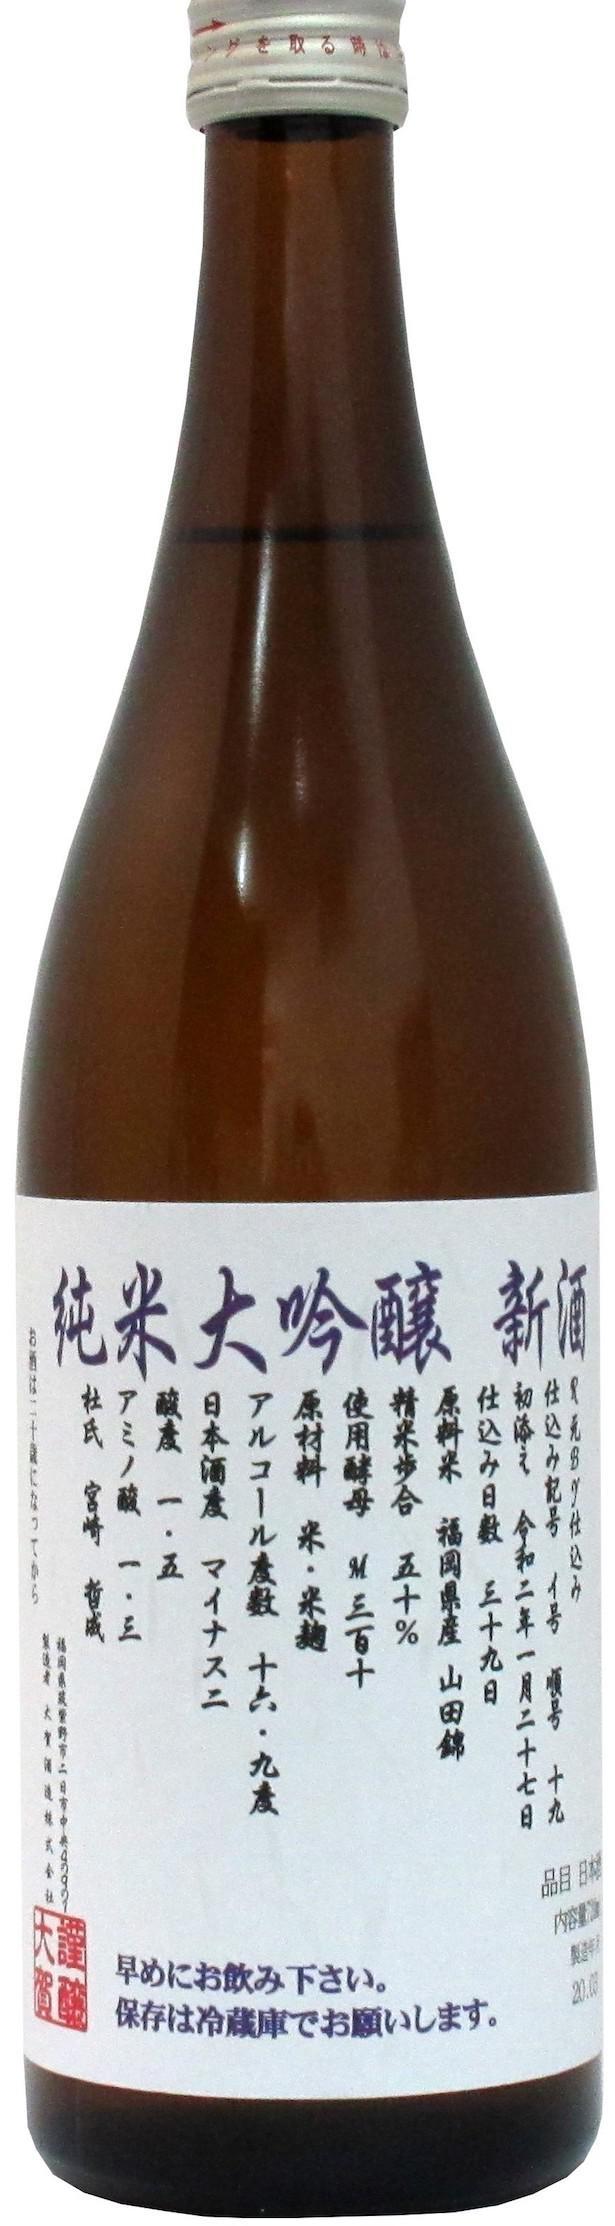 純米大吟醸 新酒(720ml 2200円・税込)/大賀酒造